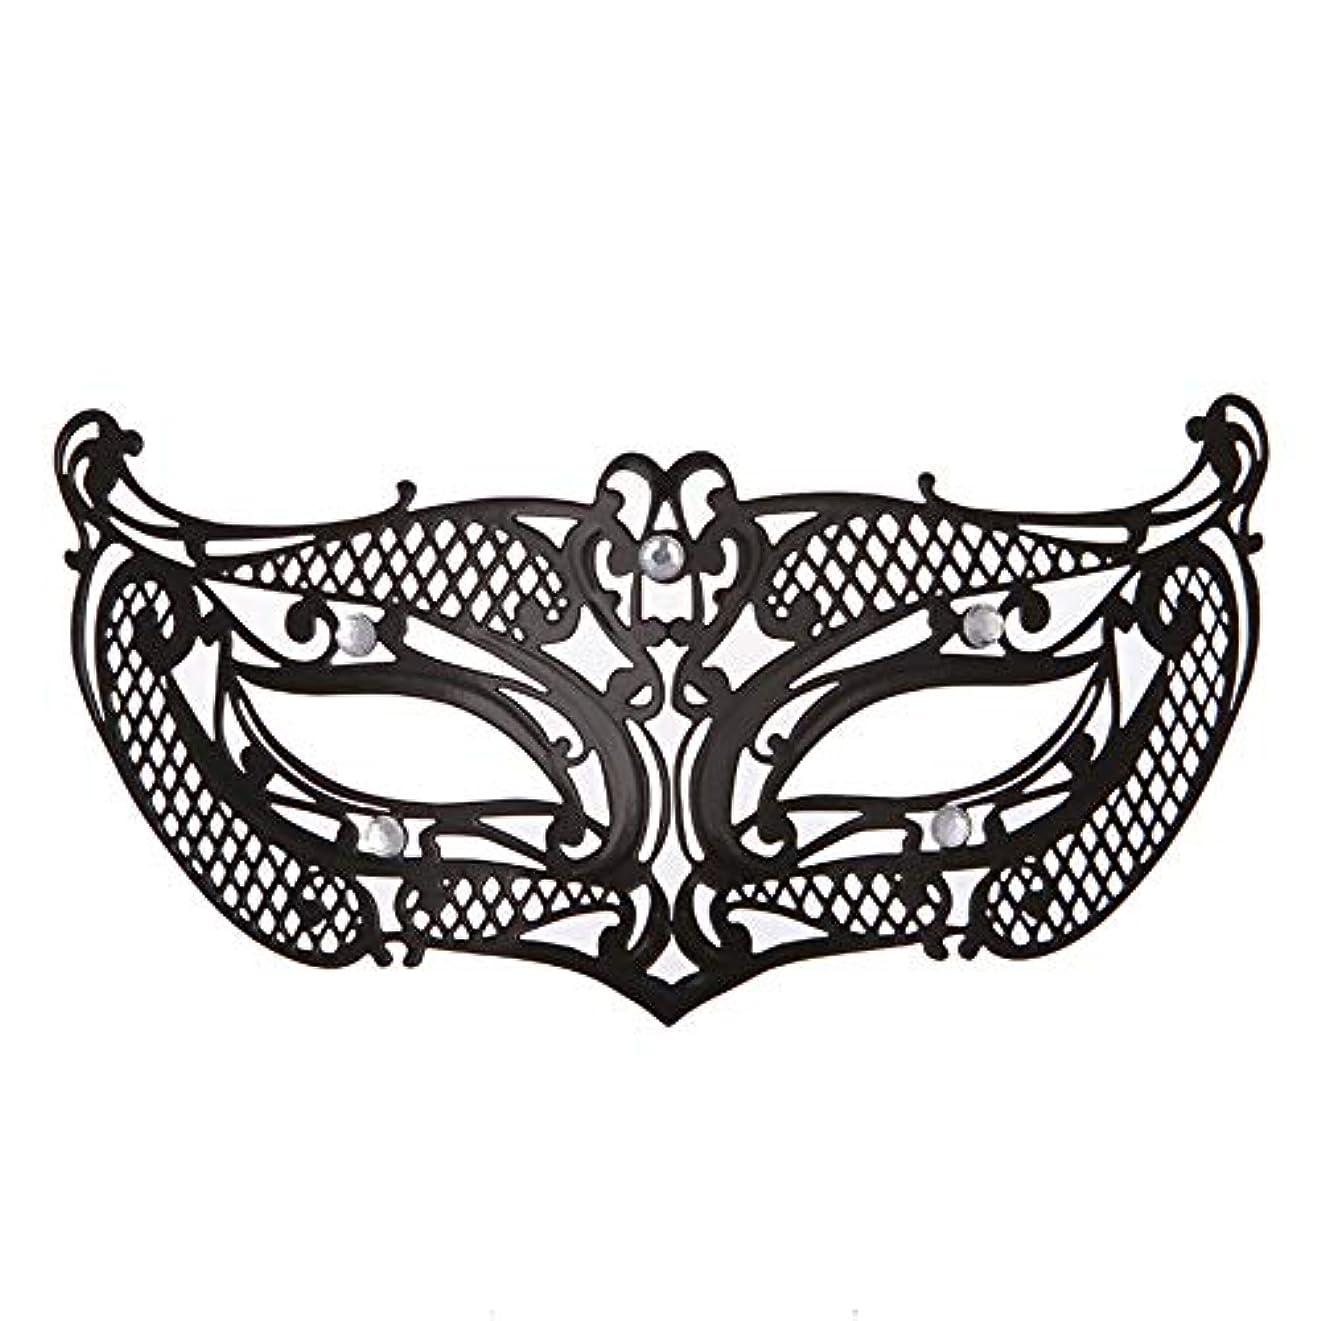 全国合金夕食を食べるダンスマスク アイアンメタリックレースとダイヤモンドハーフマスクハロウィンダンスマスクナイトクラブボールマスクコスプレパーティーハロウィンマスク ホリデーパーティー用品 (色 : ブラック, サイズ : 19x8cm)